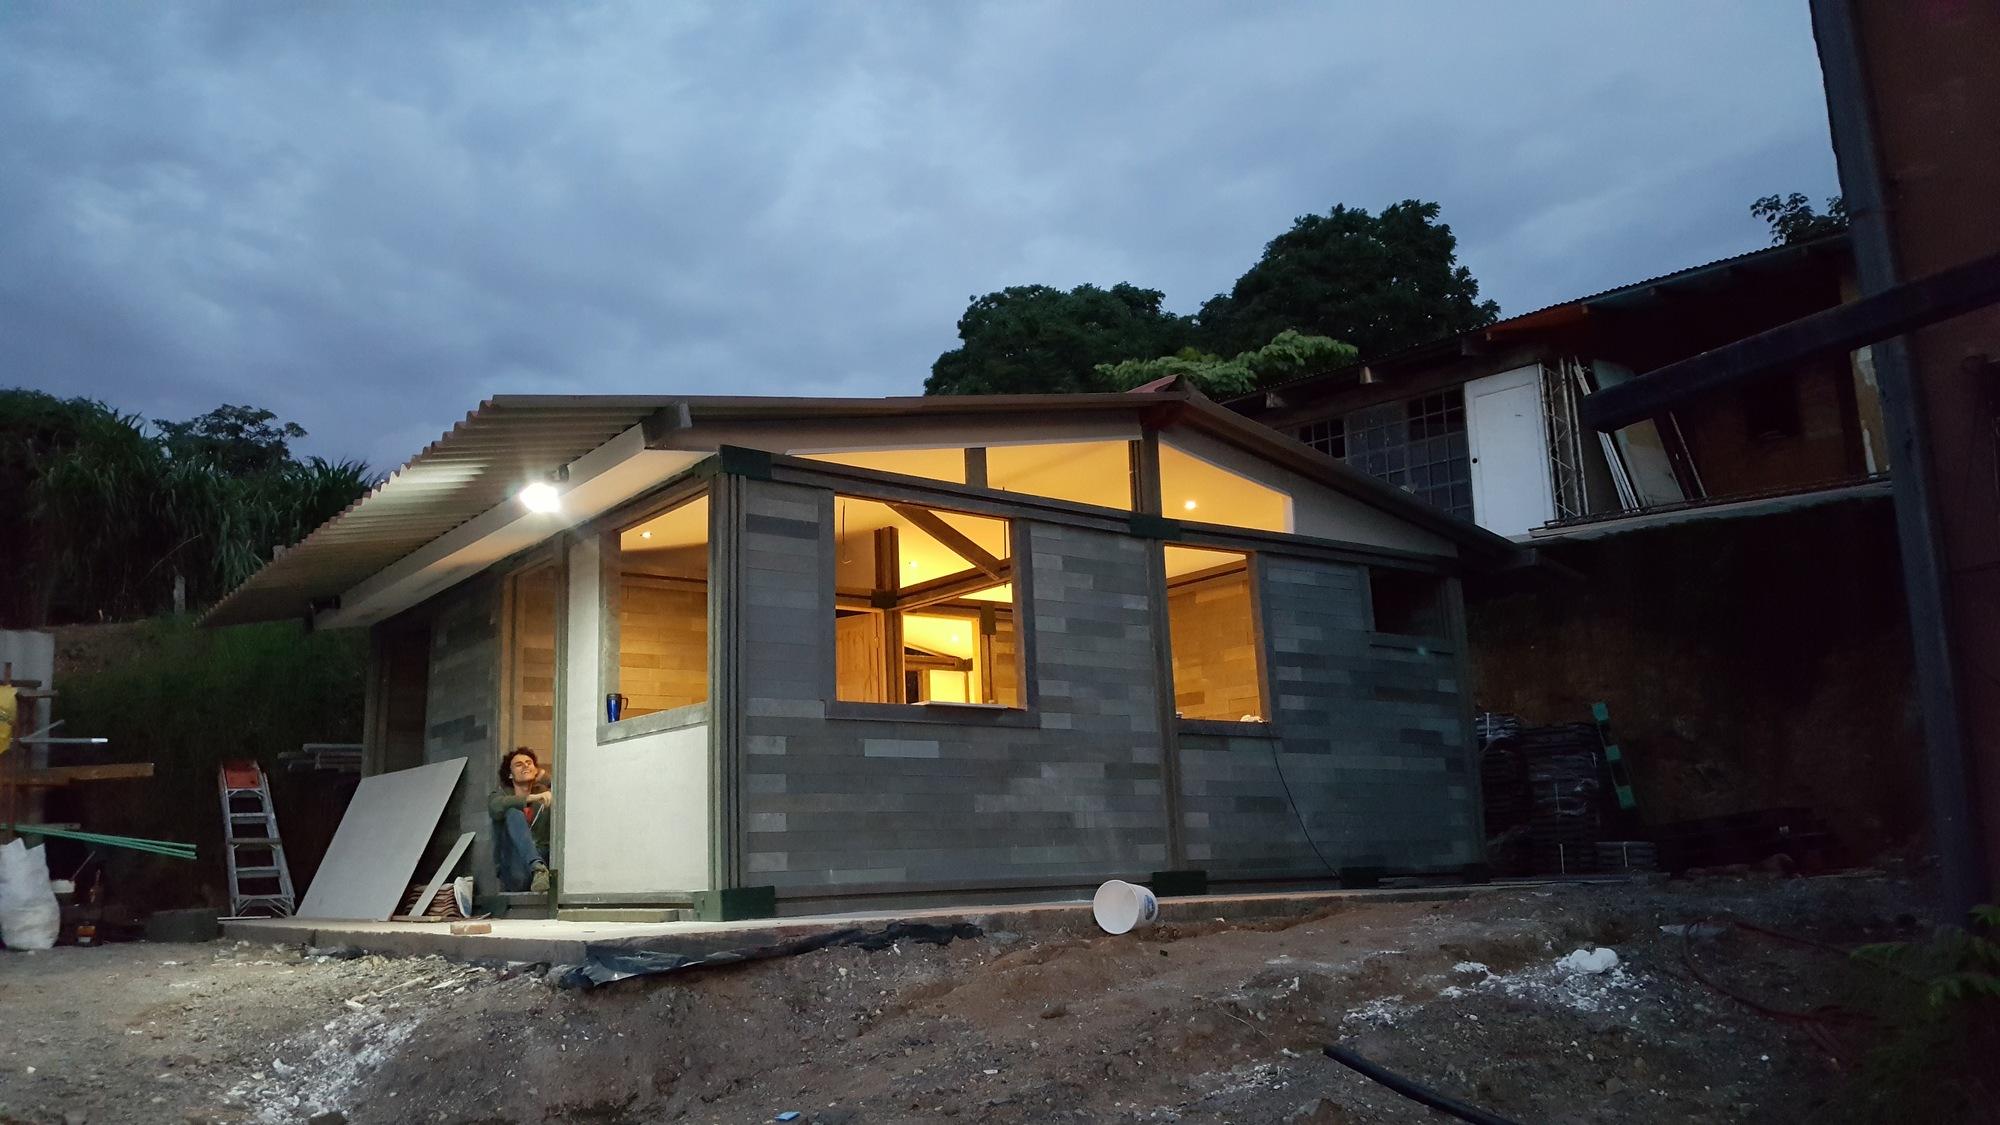 Arquitectura De Emergencia | Tag | Plataforma Arquitectura